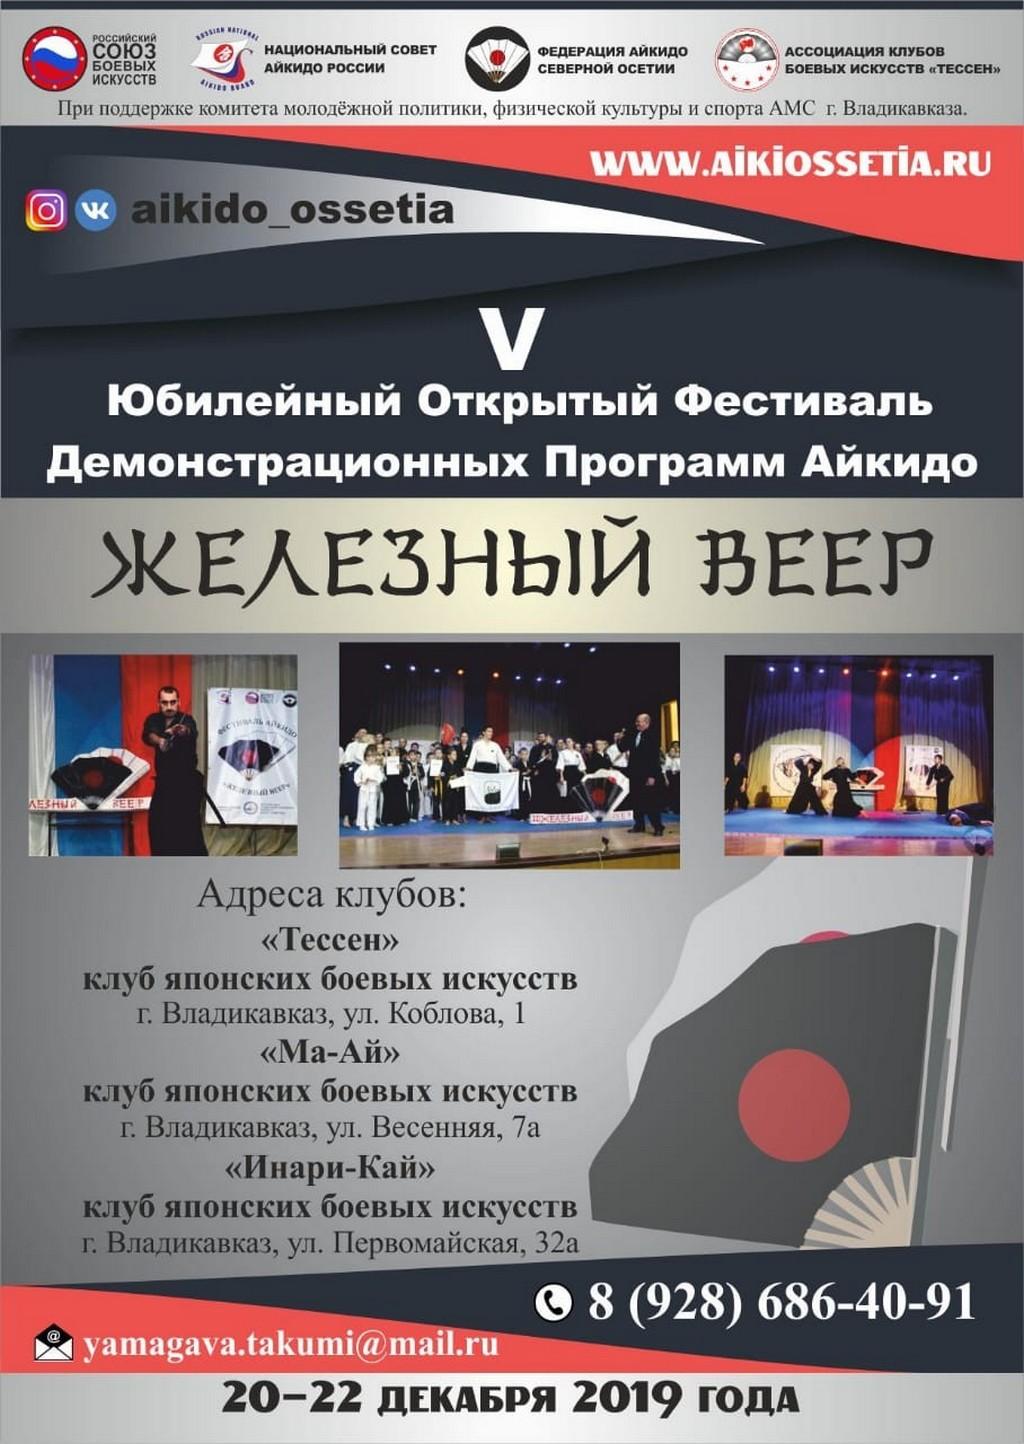 Железный веер-2019. Анонс.